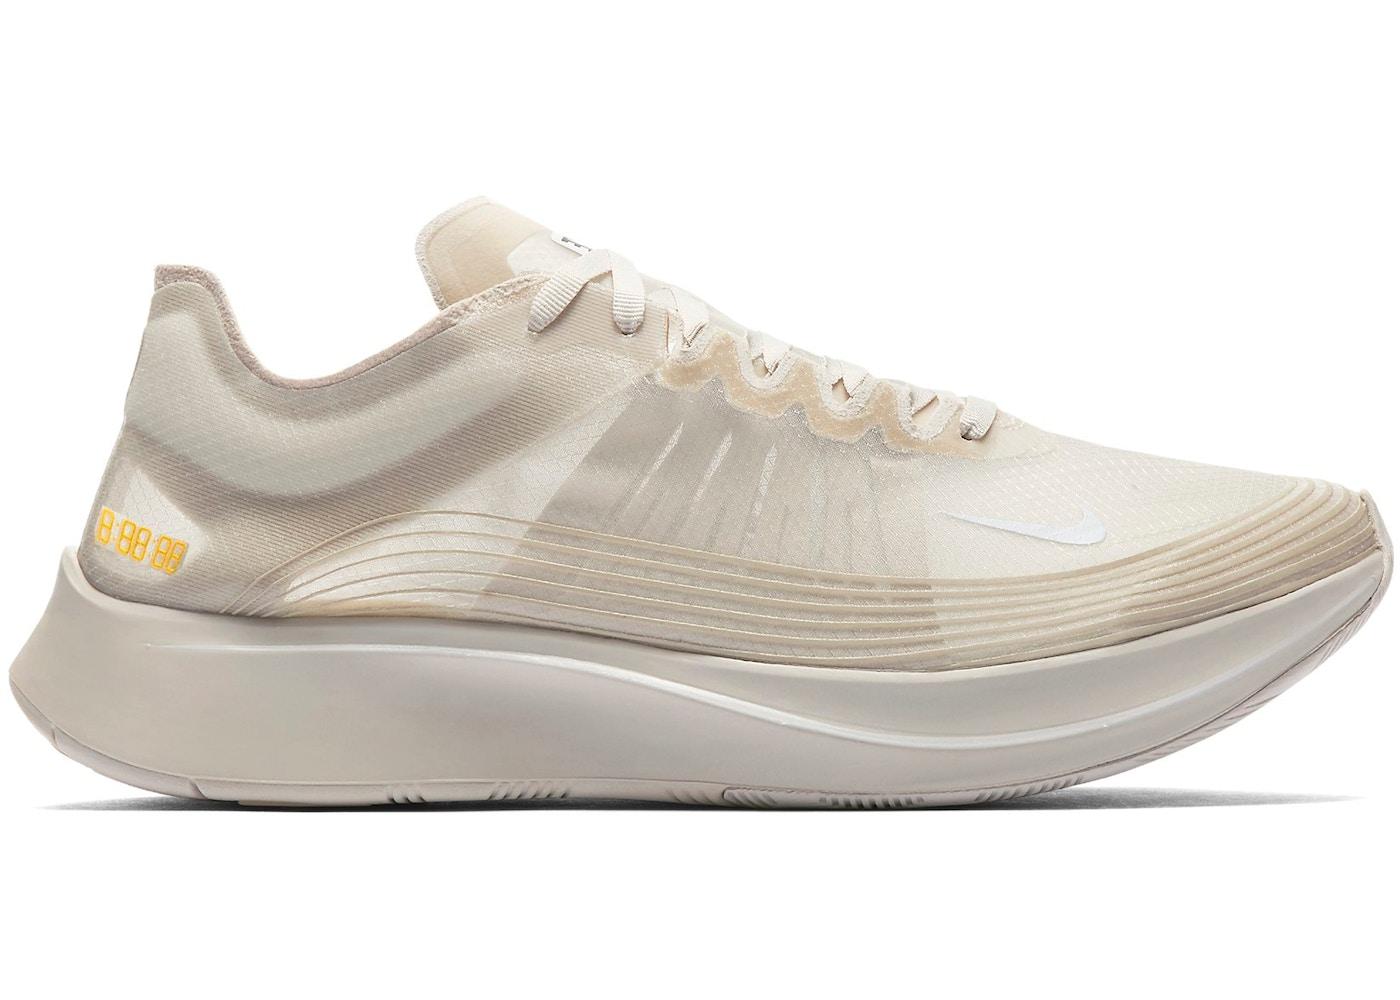 3a3a6e3f8e61 Nike Zoom Fly Light Bone - AJ9282-002